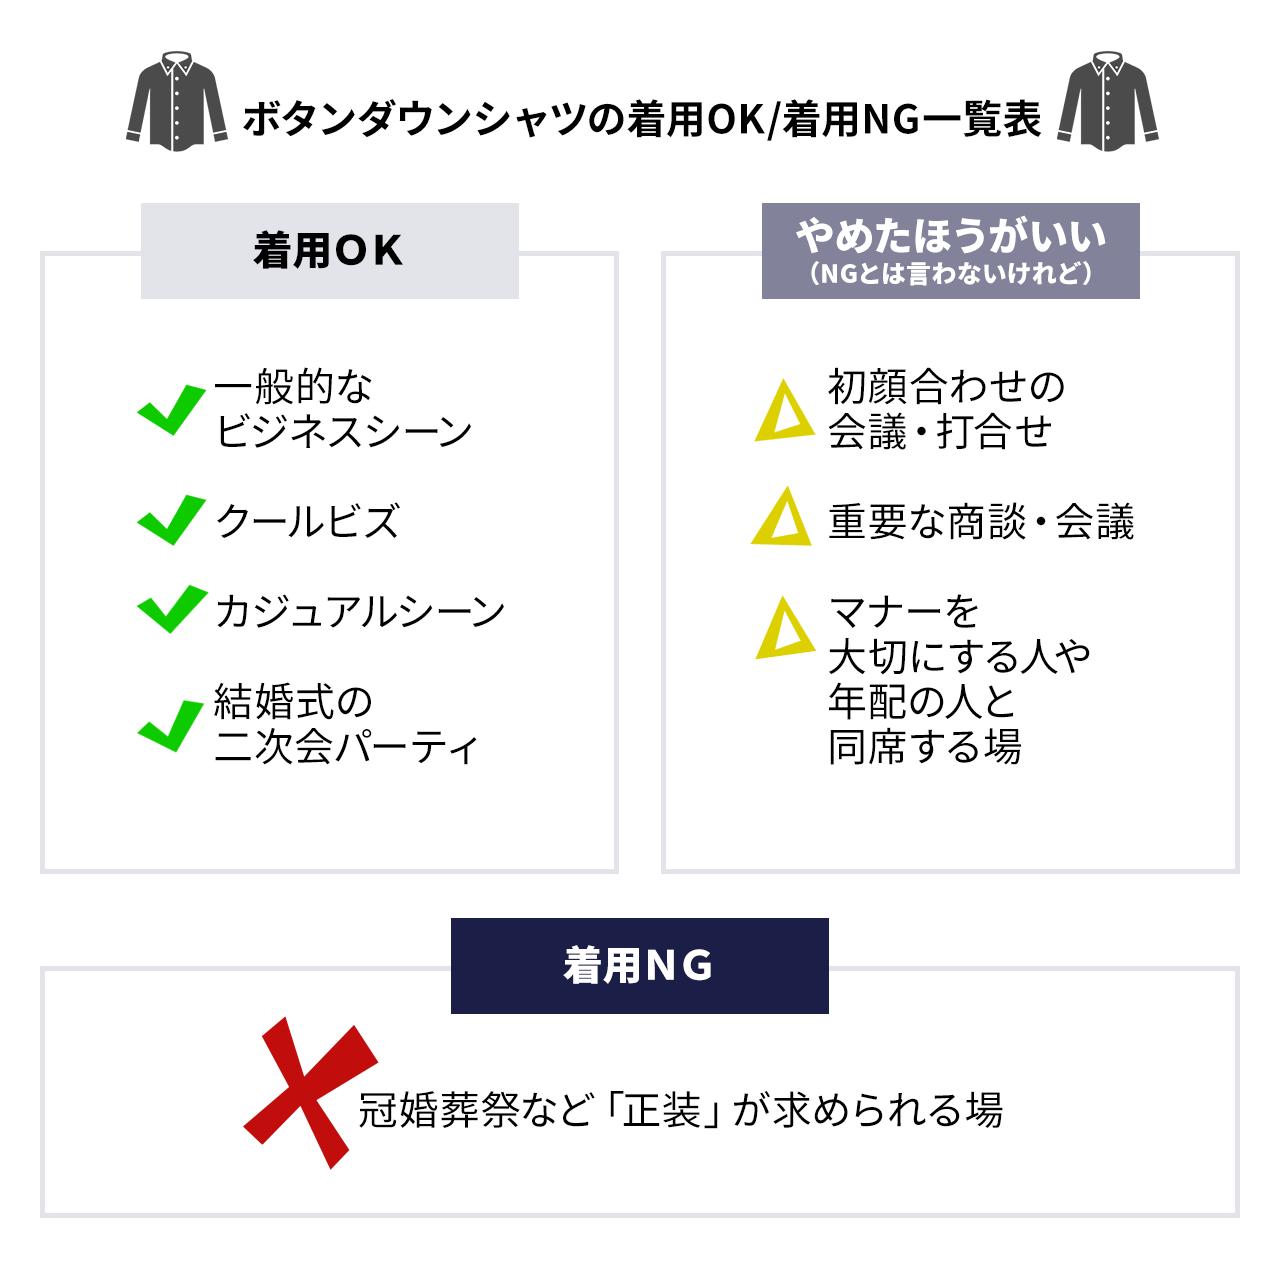 【ボタンダウンシャツの着用OK/NG一覧表】ボタンダウンシャツは一般的なビジネスシーンでの着用はOKです。カジュアルシーンは勿論、クールビズでも大活躍してくれます。一方で止めた方がいいのが、スーツマナーを守る人や年配の人と同席する場合です。いわゆる、服装で冒険するのは止めた方がいいときは、ボタンダウンも不適と言えます。冠婚葬祭については完全にNGです。ただし、二次会パーティなどでは活躍してくれるでしょう。